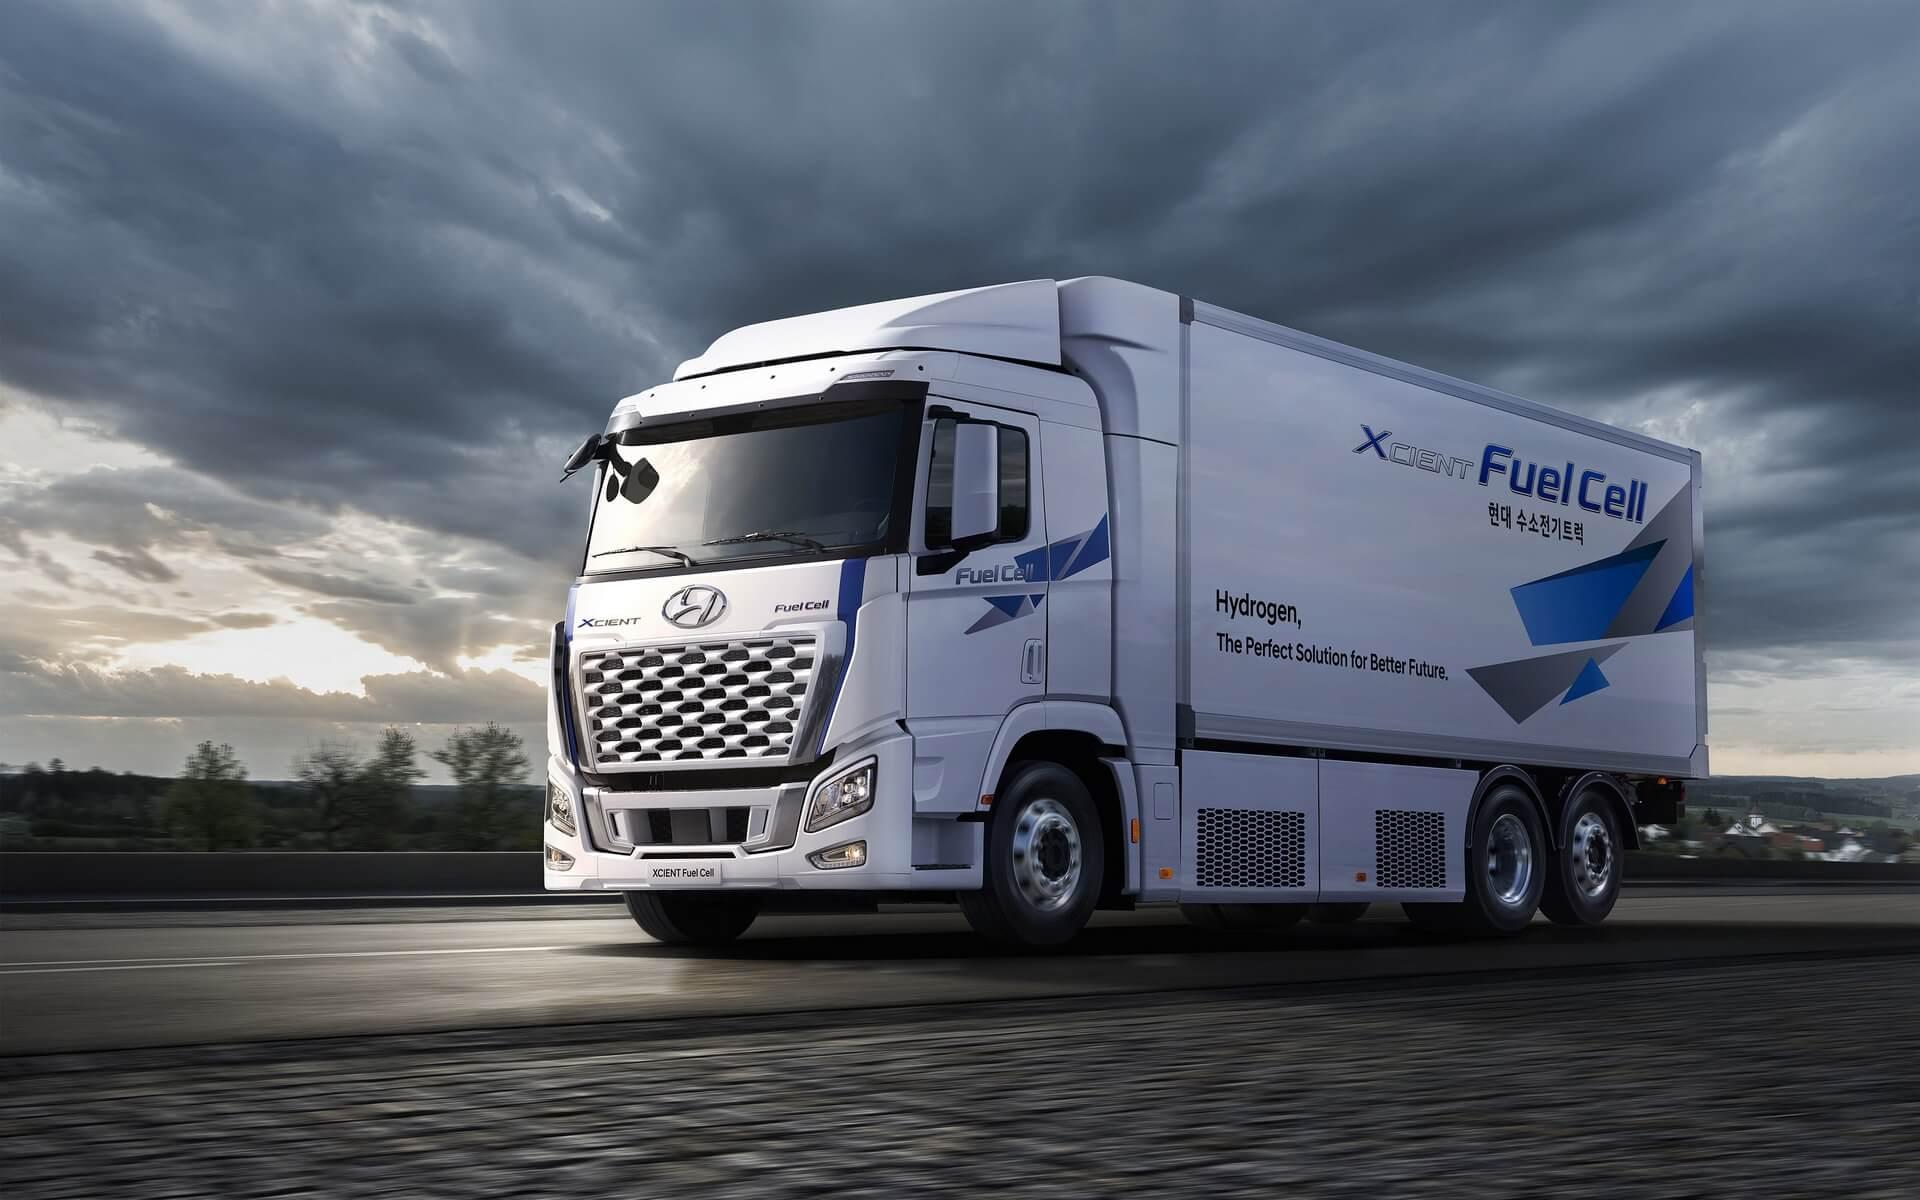 Hyundai модернизирует дизайн и улучшает характеристики грузовика на топливных элементах XCIENT